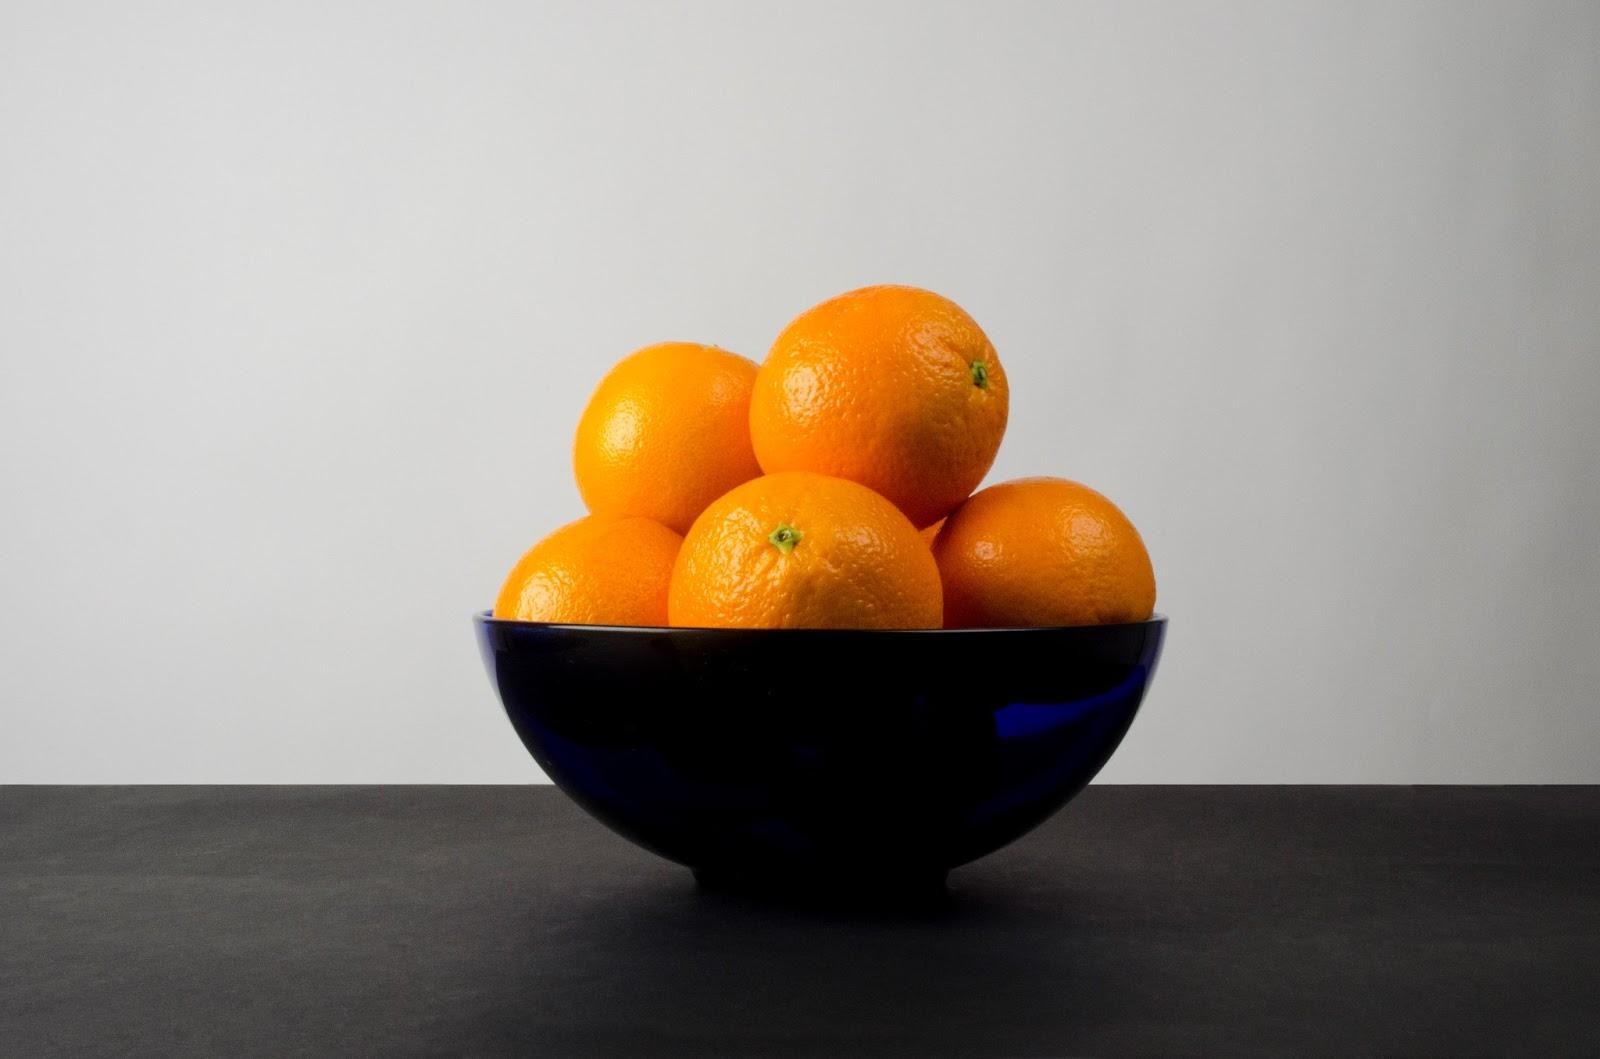 Feng shui en espa ol utiliza la energ a de las frutas - Feng shui para el dinero ...